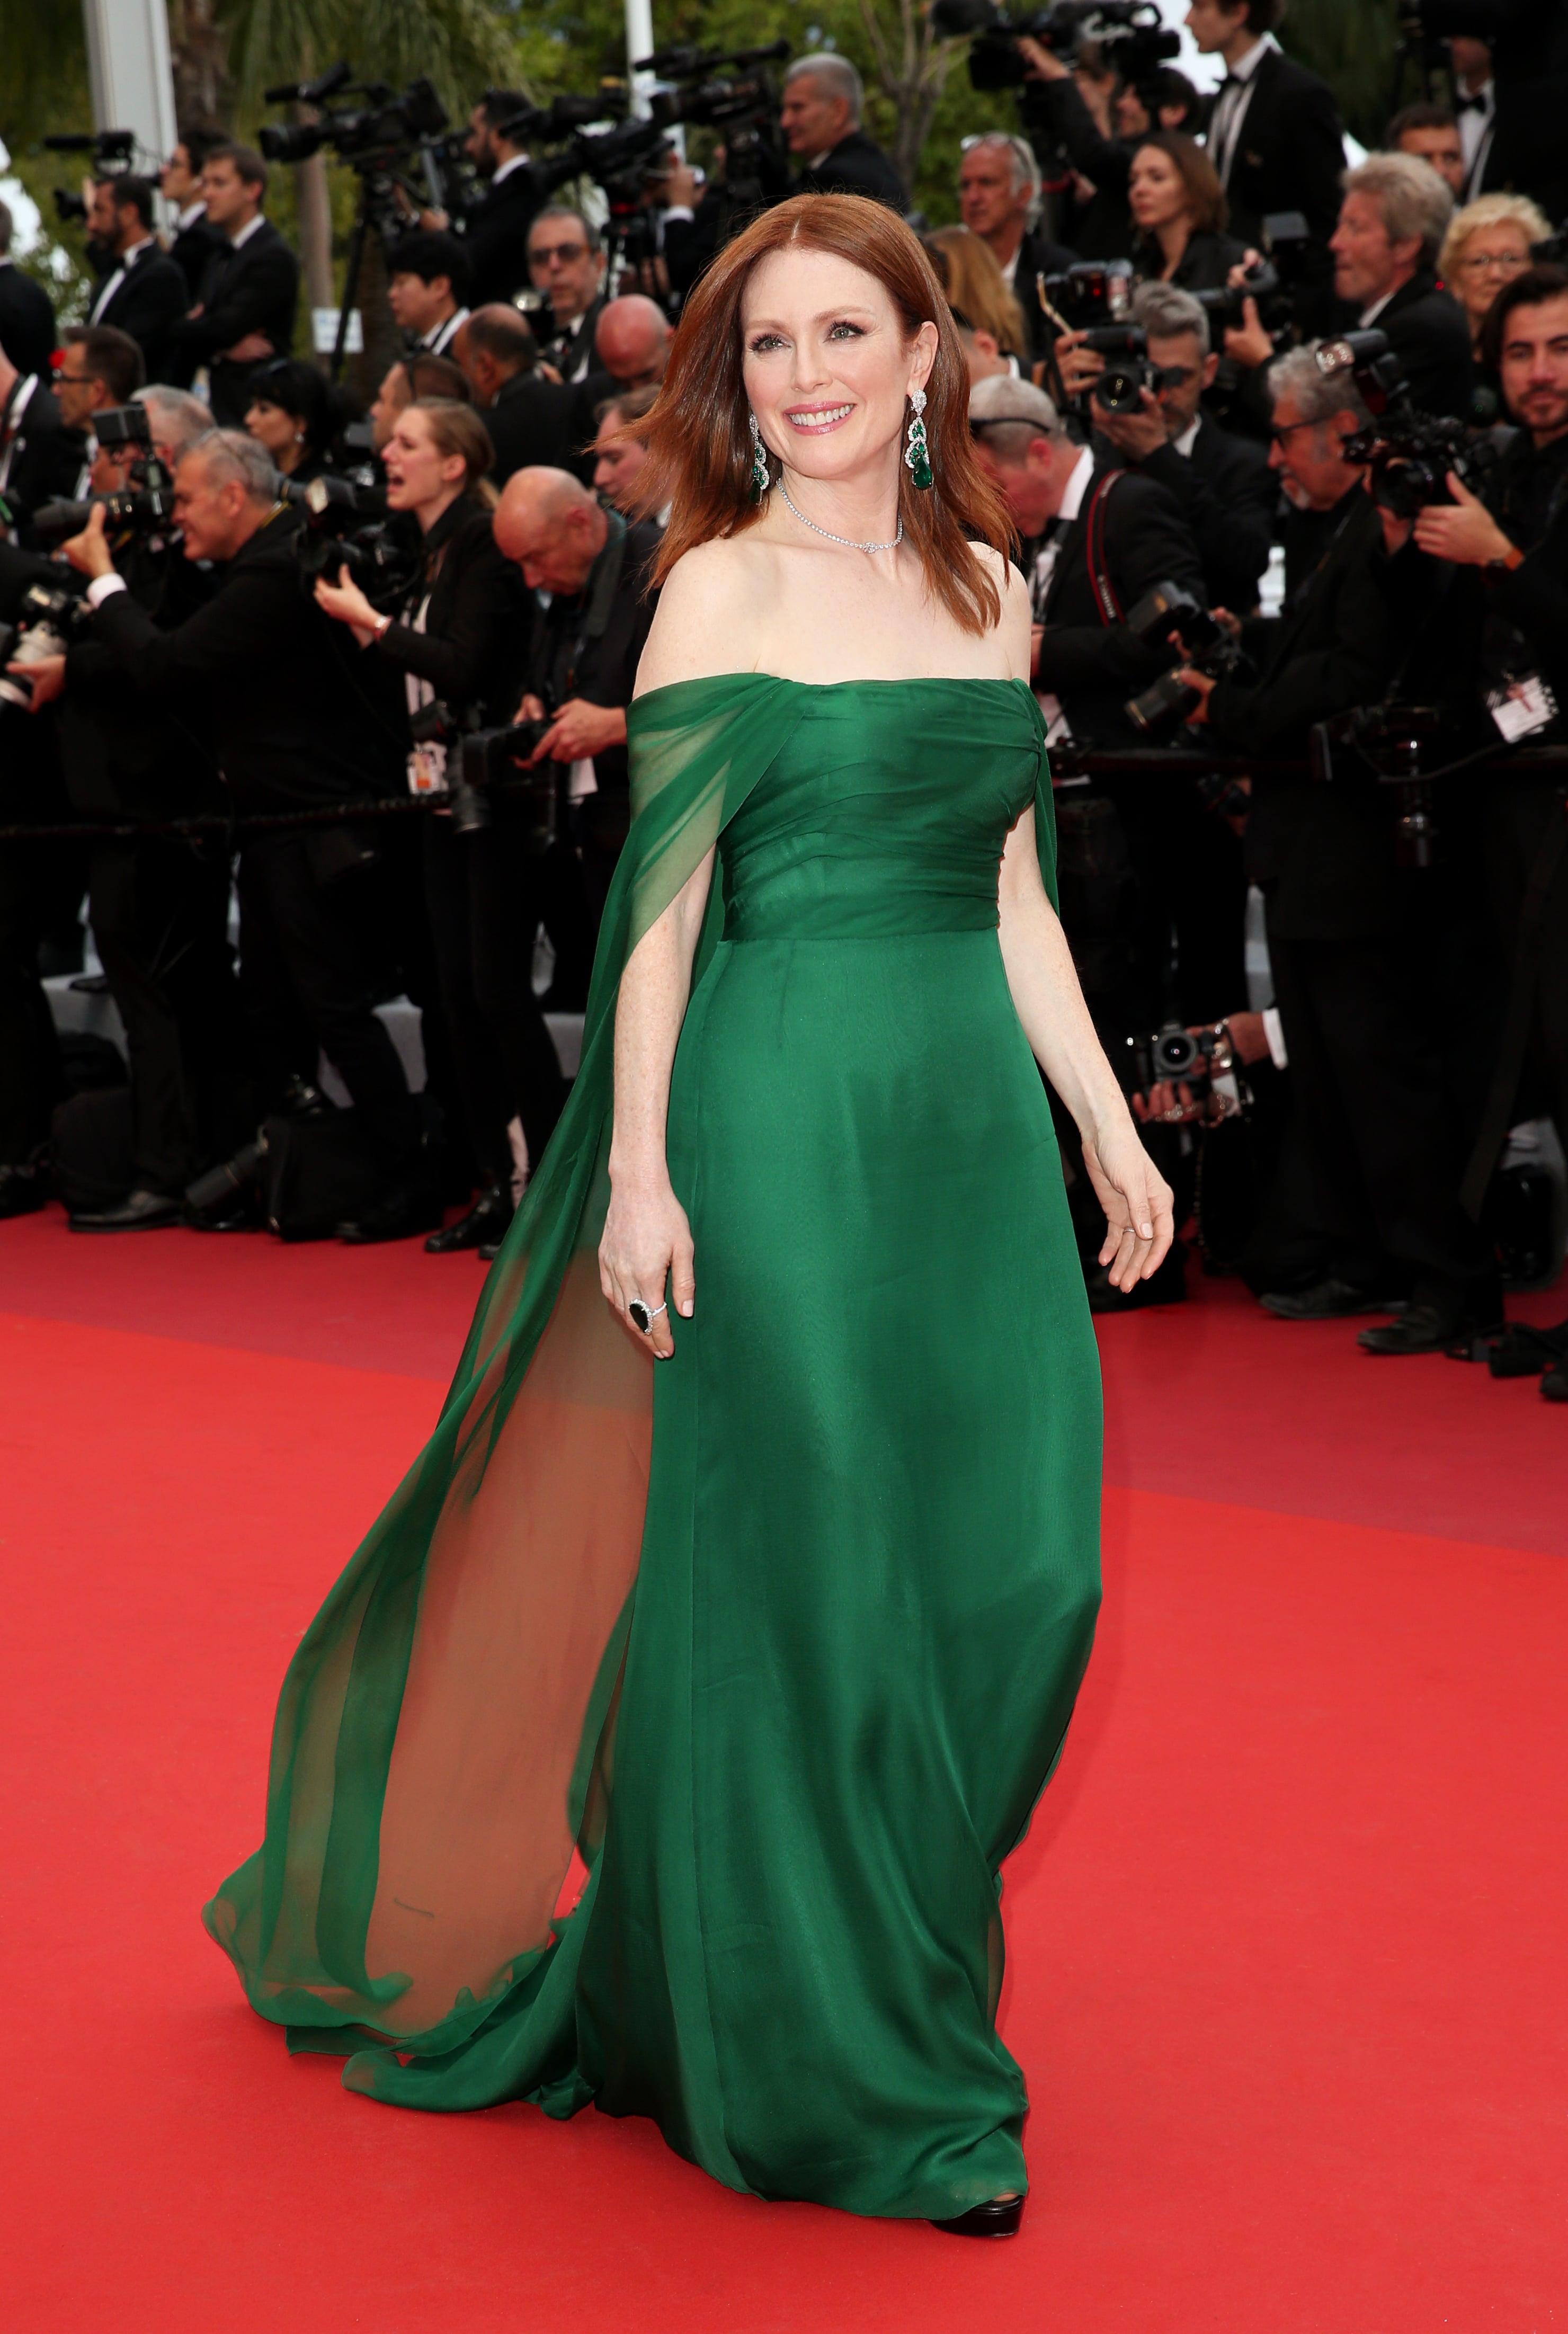 julianne more diện đầm xanh và trang sức chopard trên thảm đỏ cannes 2019